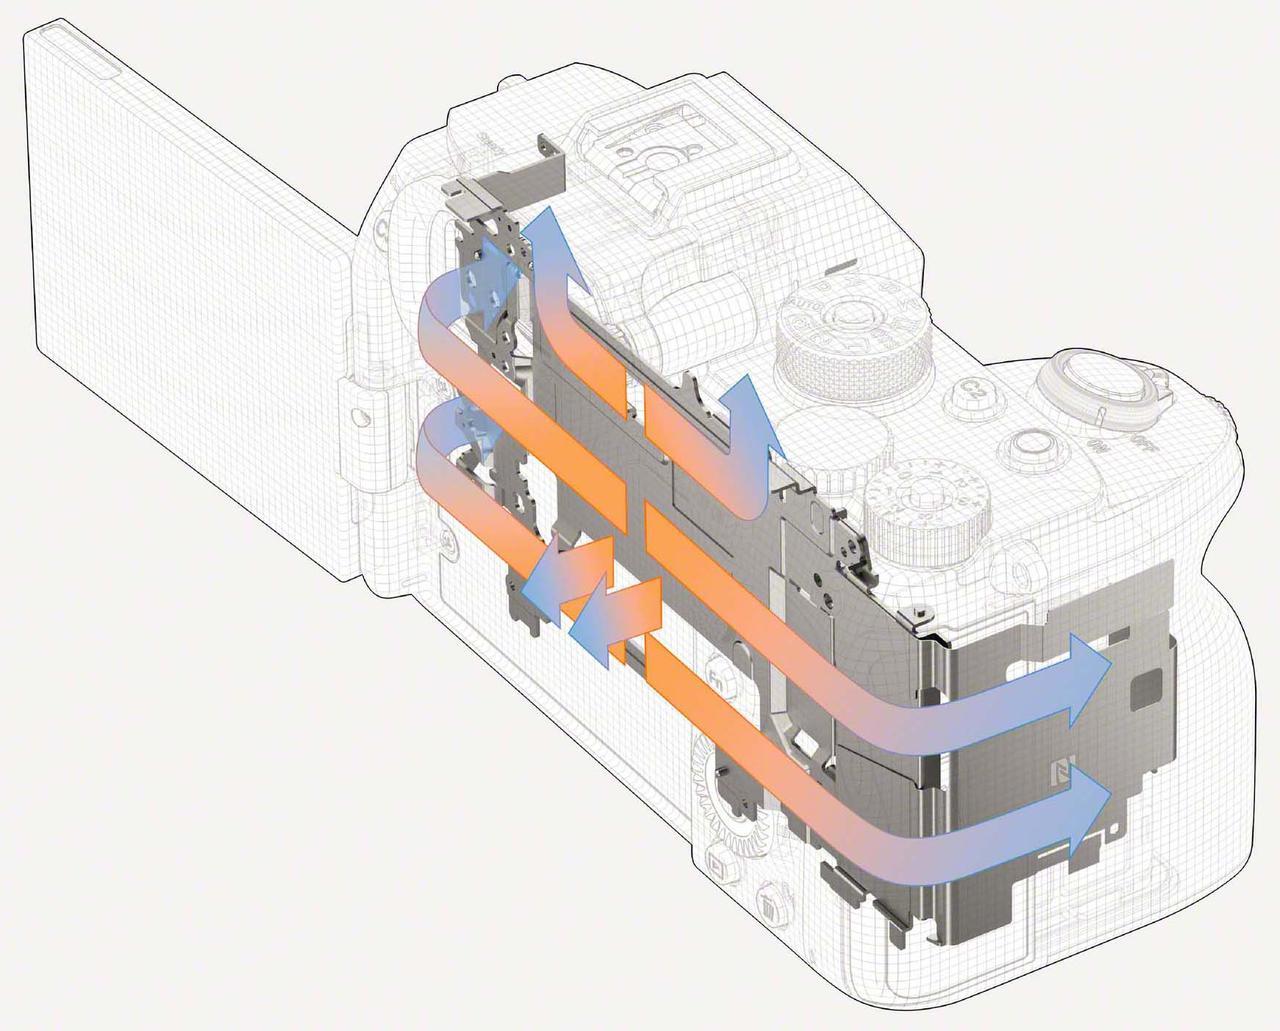 画像: 新開発の放熱構造により熱を効果的に分散、放熱させ長時間の動画撮影も可能にしている